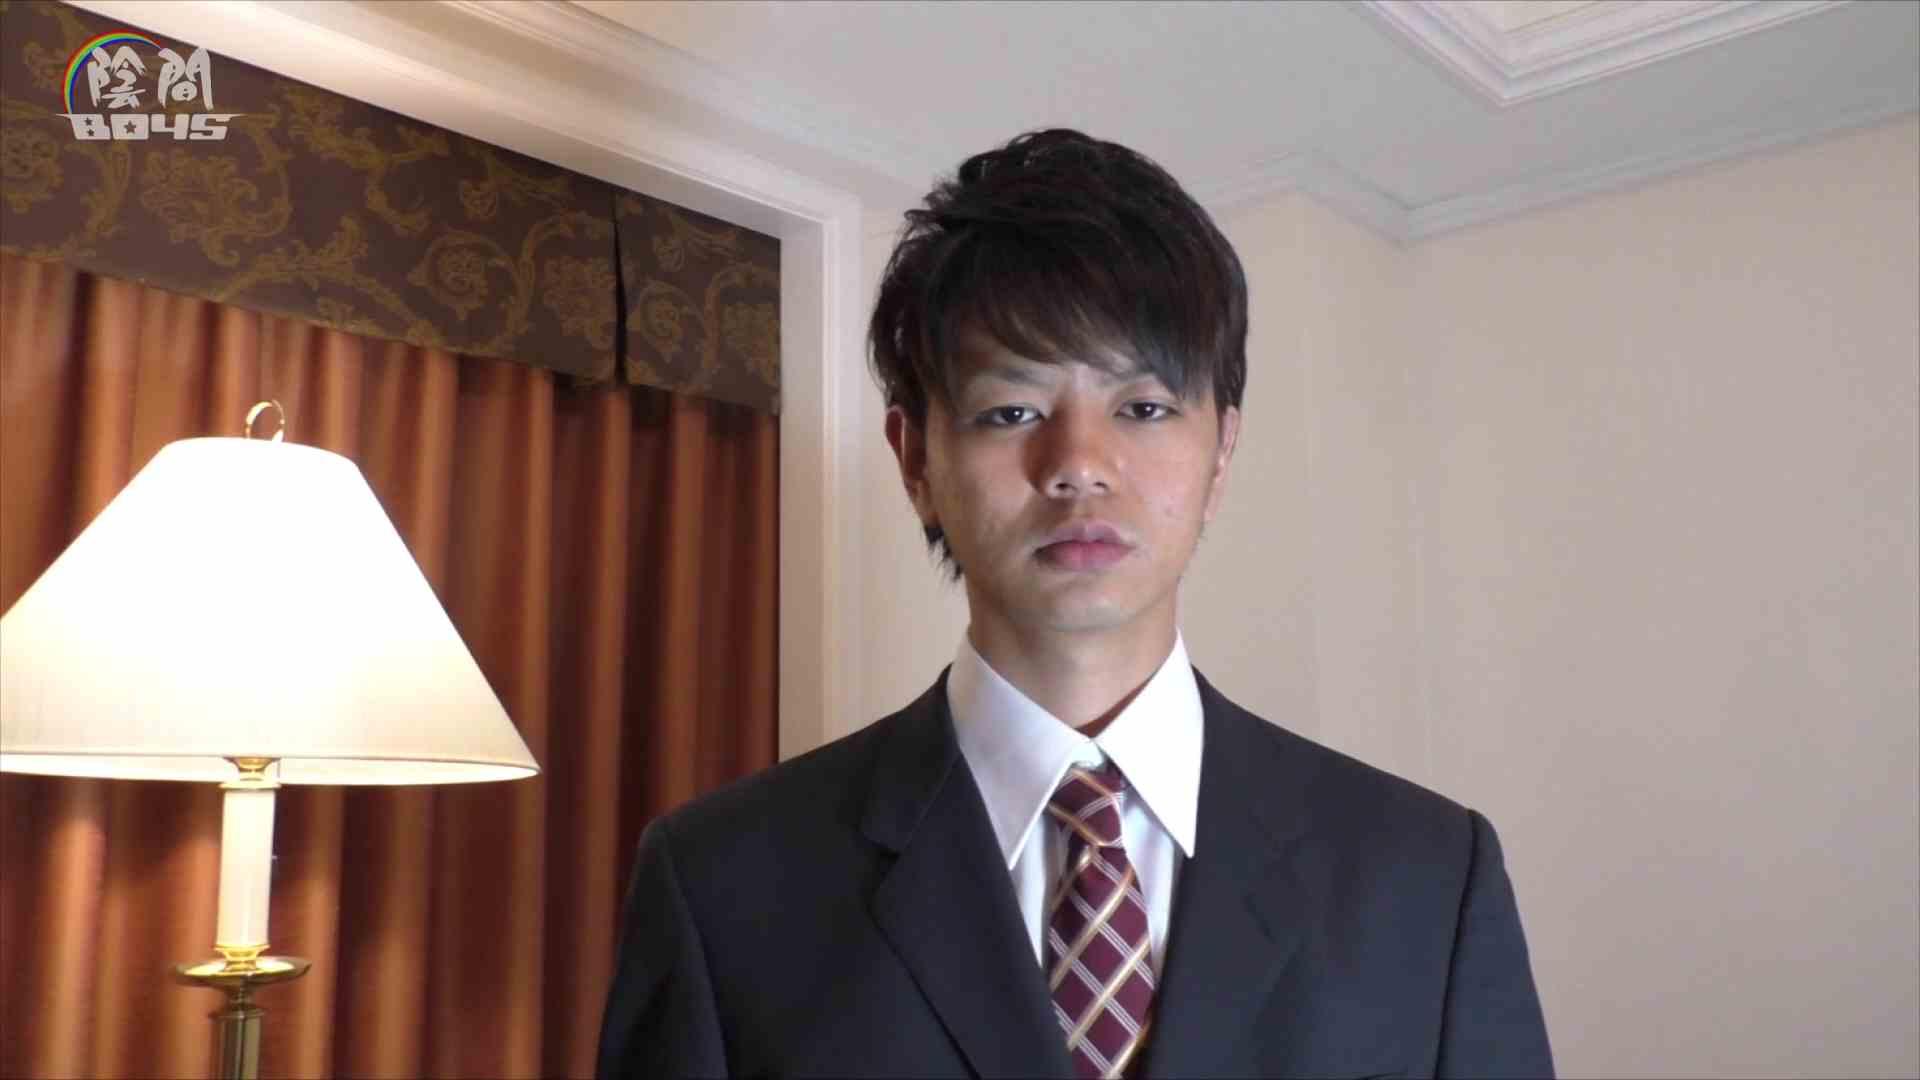 陰間BOYS~キャバクラの仕事はアナルから4 Vol.01 オナニー 男同士動画 108pic 66